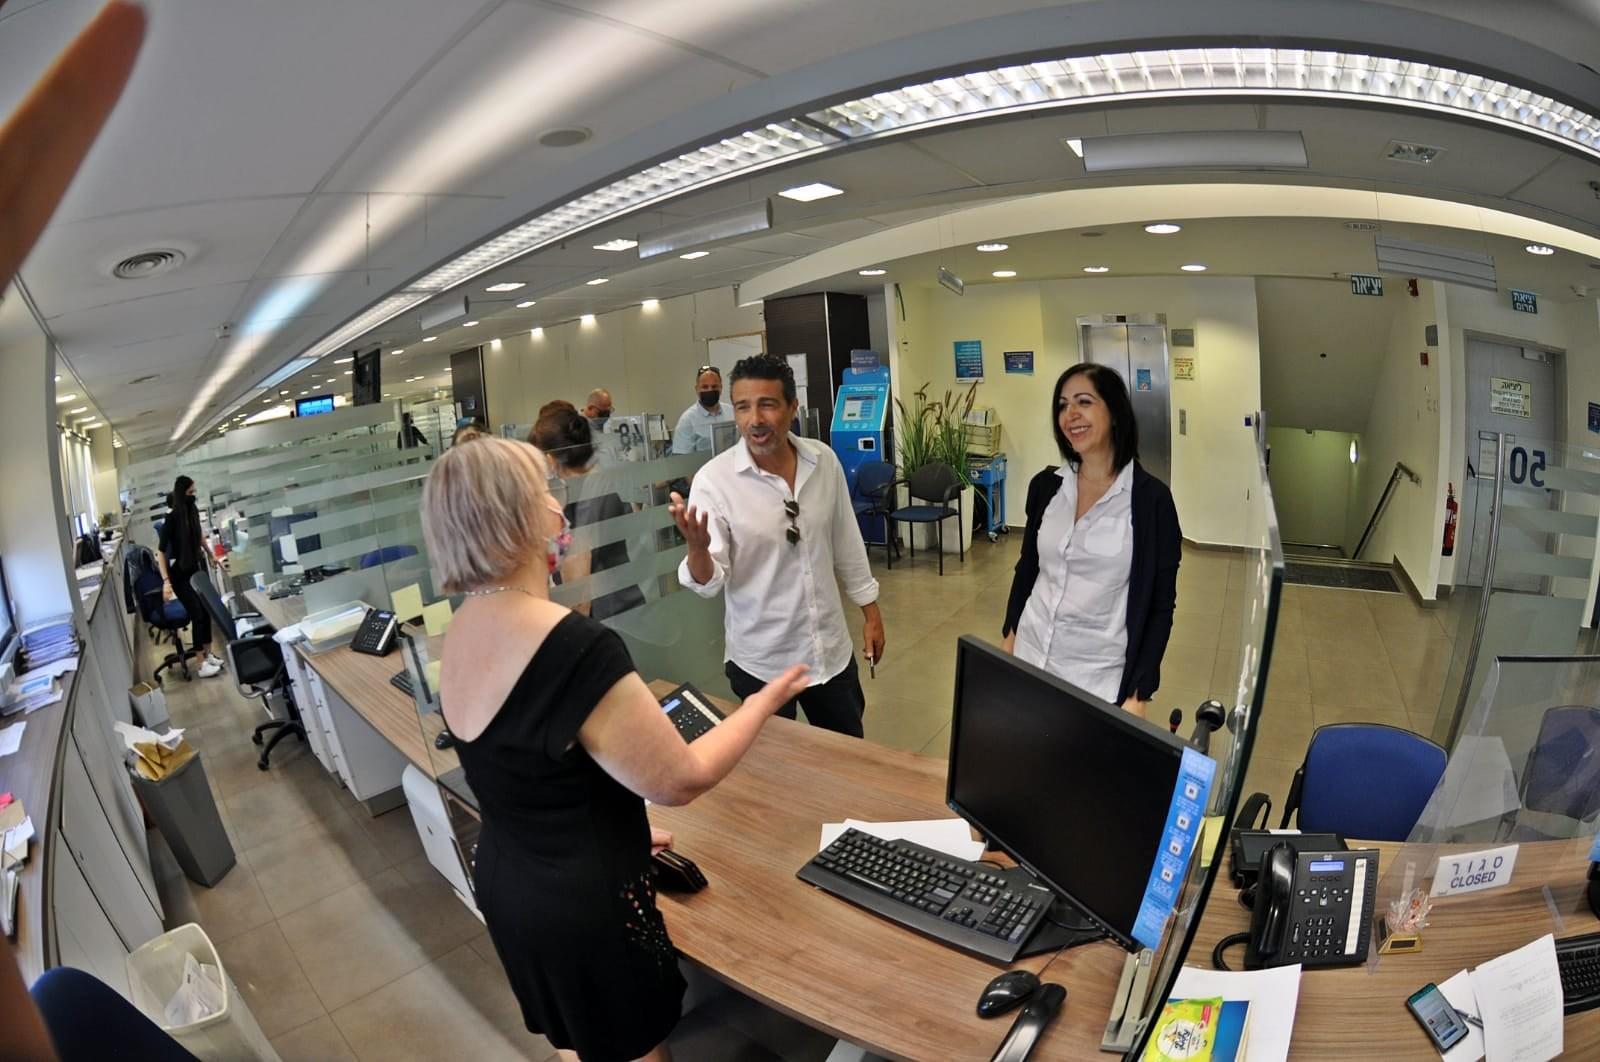 תוך חצי שנה רווחי עתק לבנק לאומי: העובדים החלו לנקוט בצעדים ארגוניים